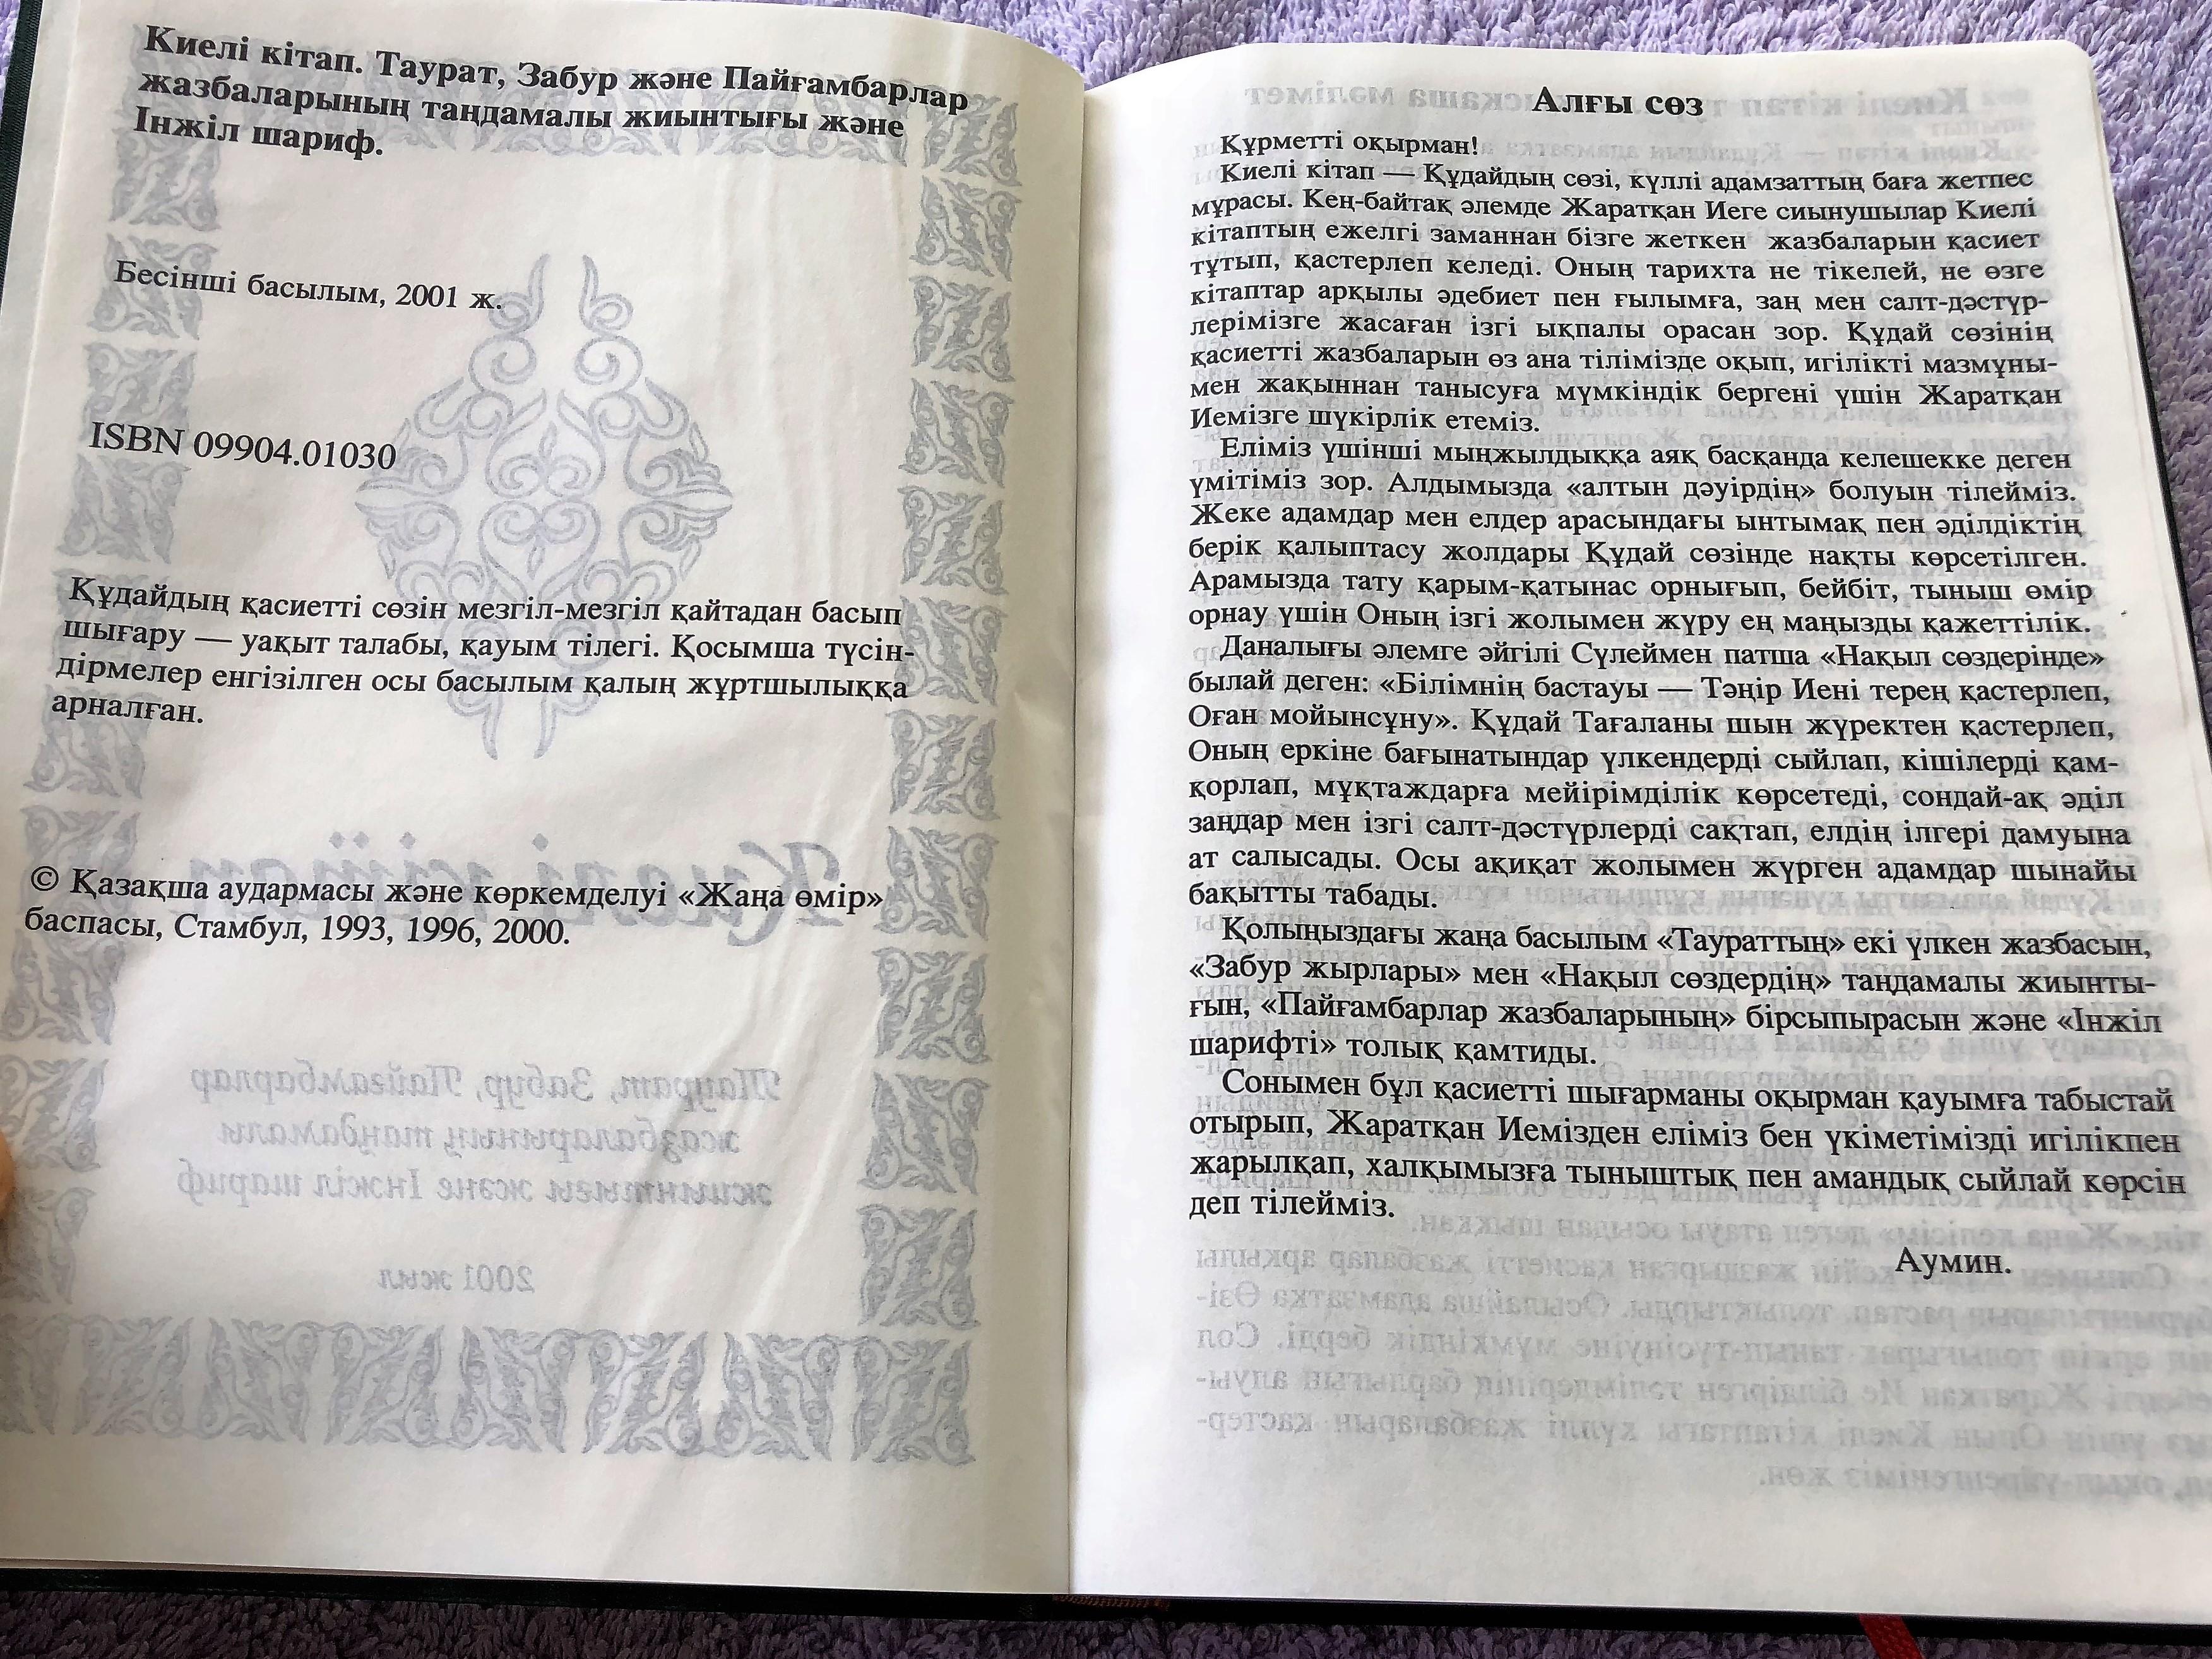 kazakh-bible-qazaq-natively-qazaq-tili-5-.jpg